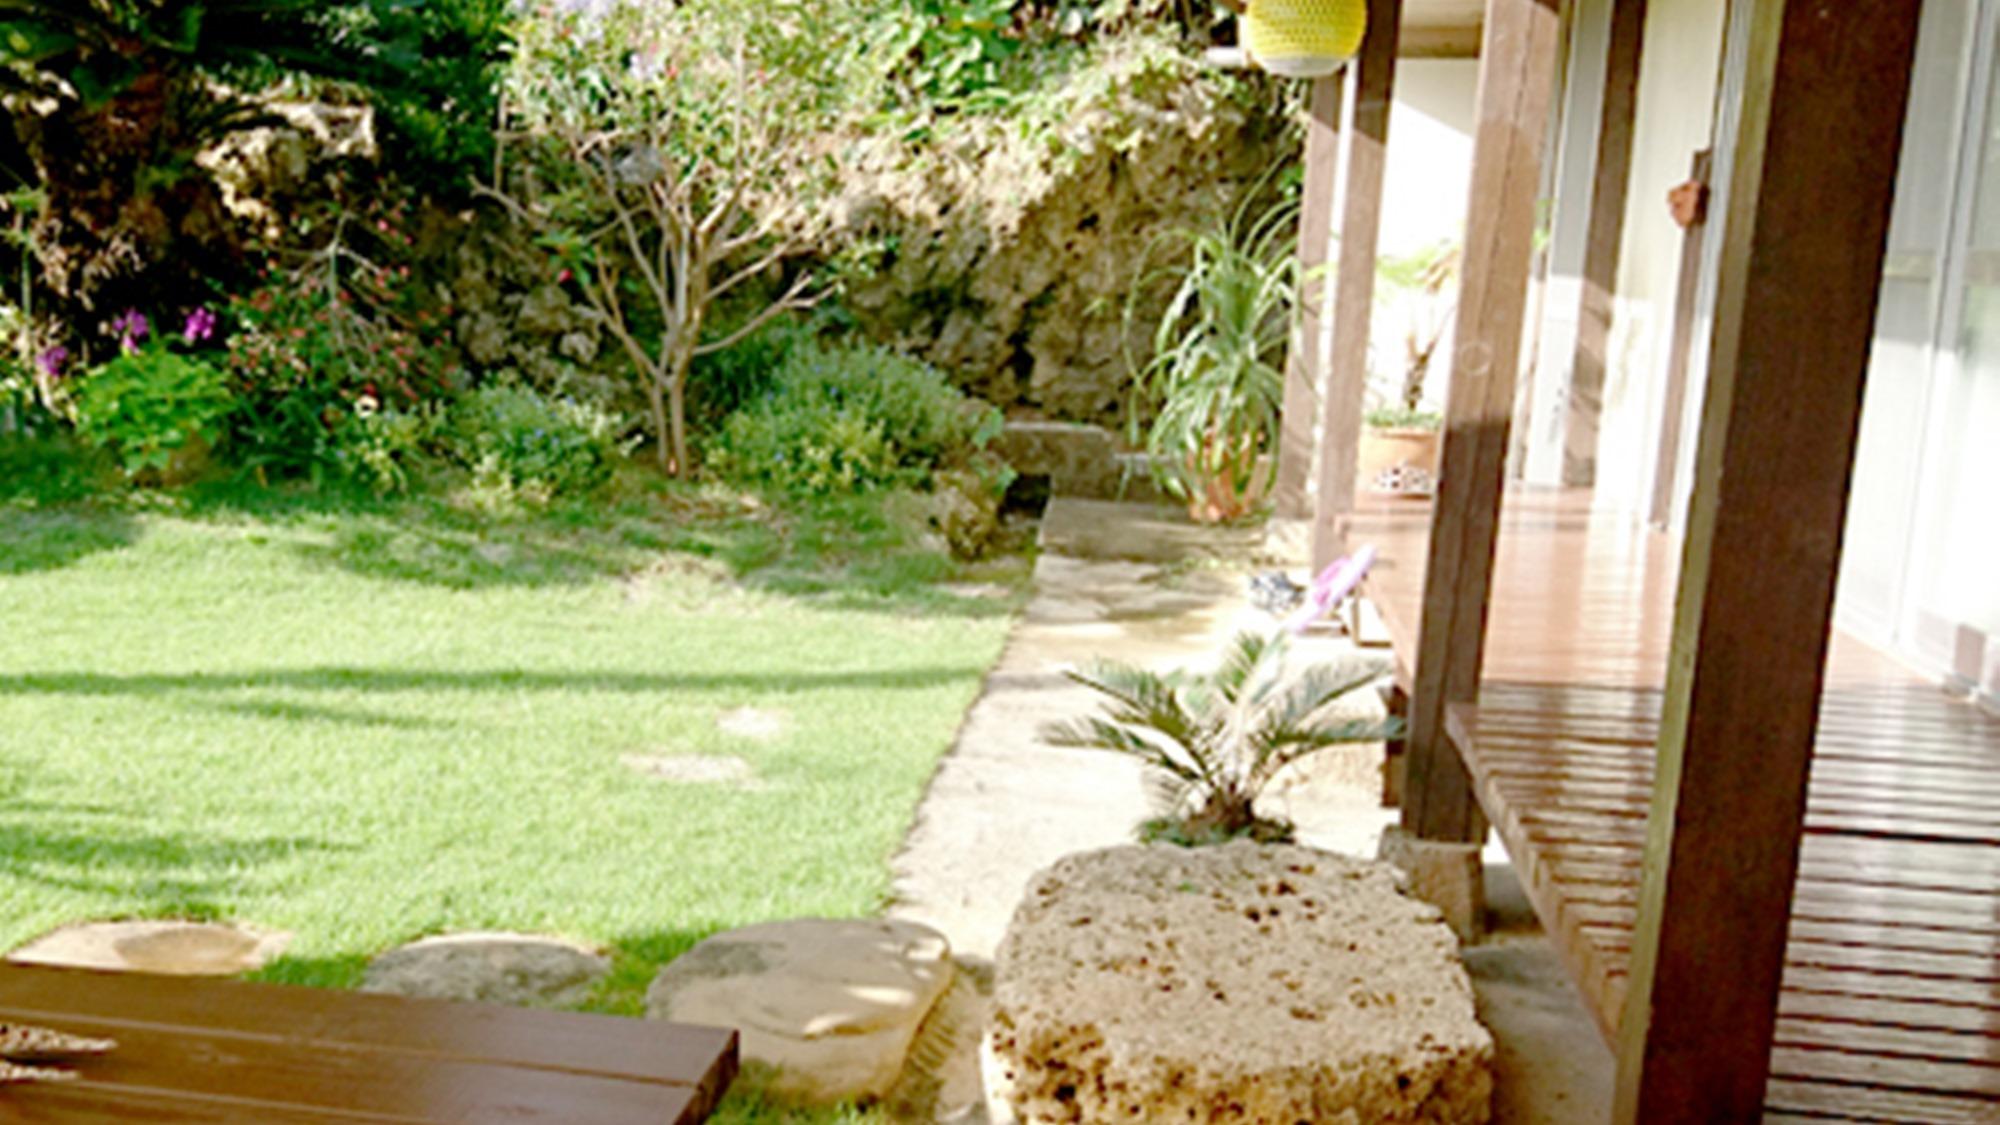 *縁側に座って、沖縄の風を感じて